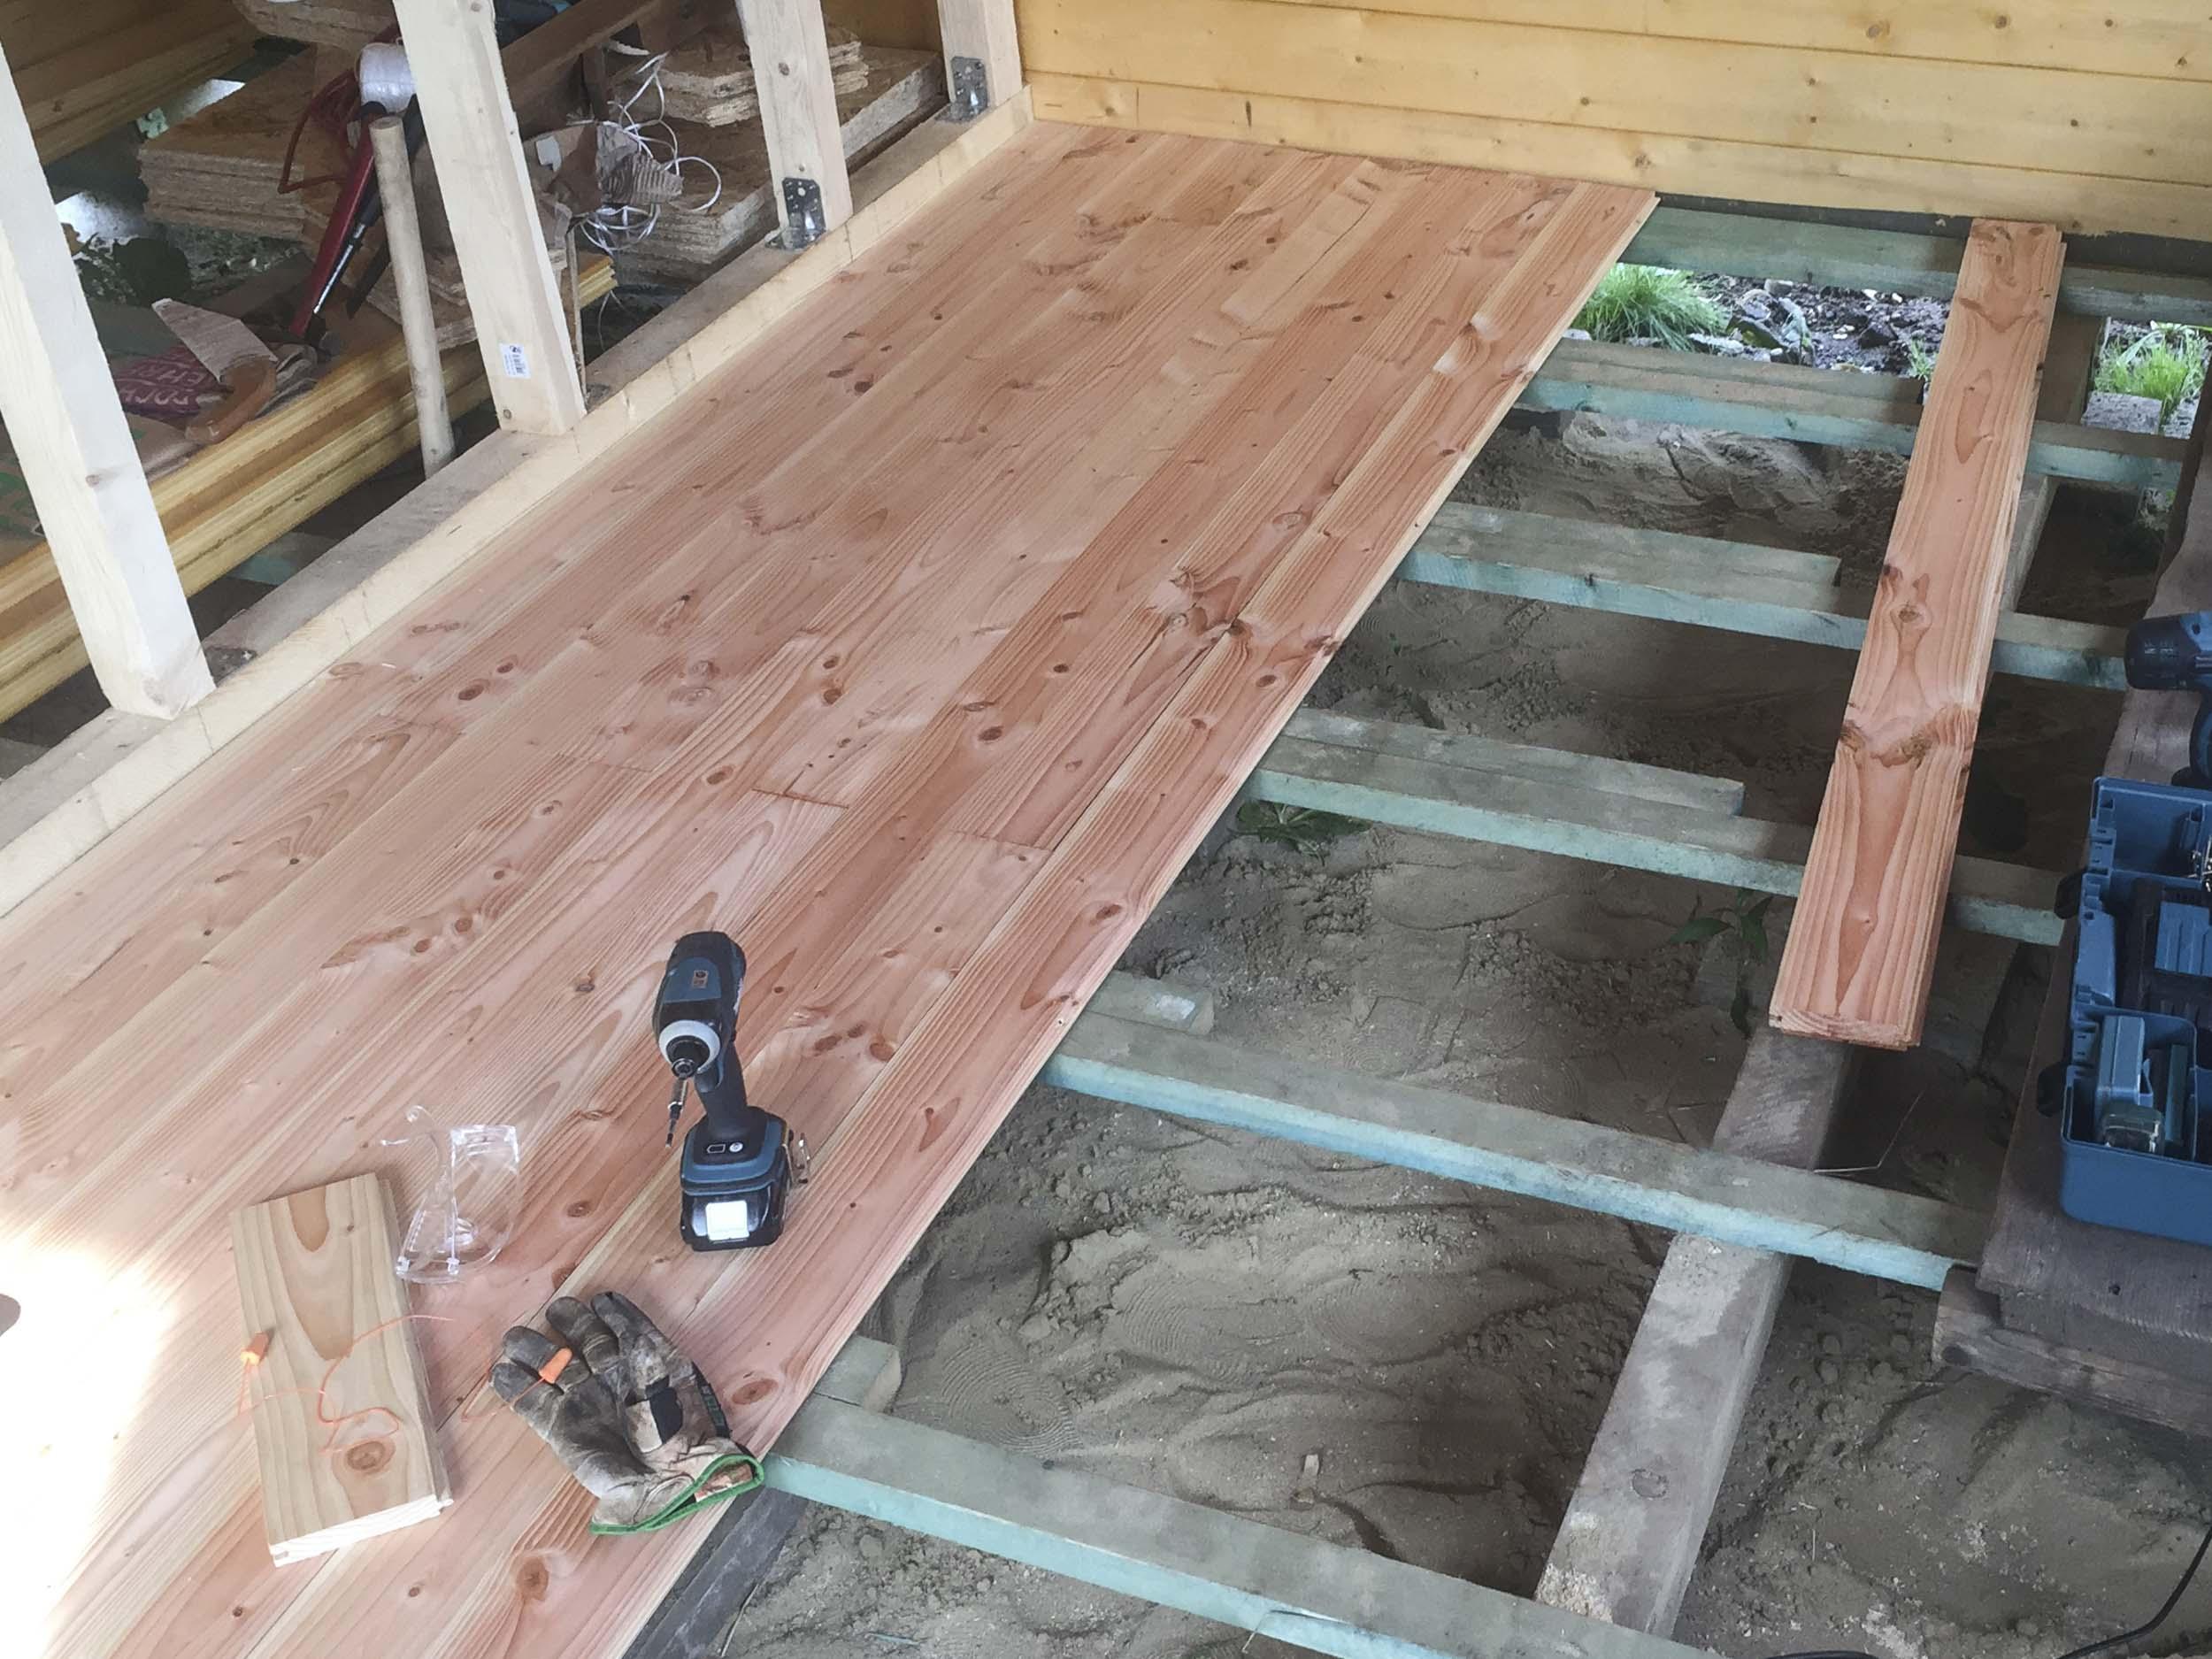 Holzfußboden Schwimmend Verlegen ~ Holzfußboden verlegen: schritt für schritt erklärt. plus material tipps!